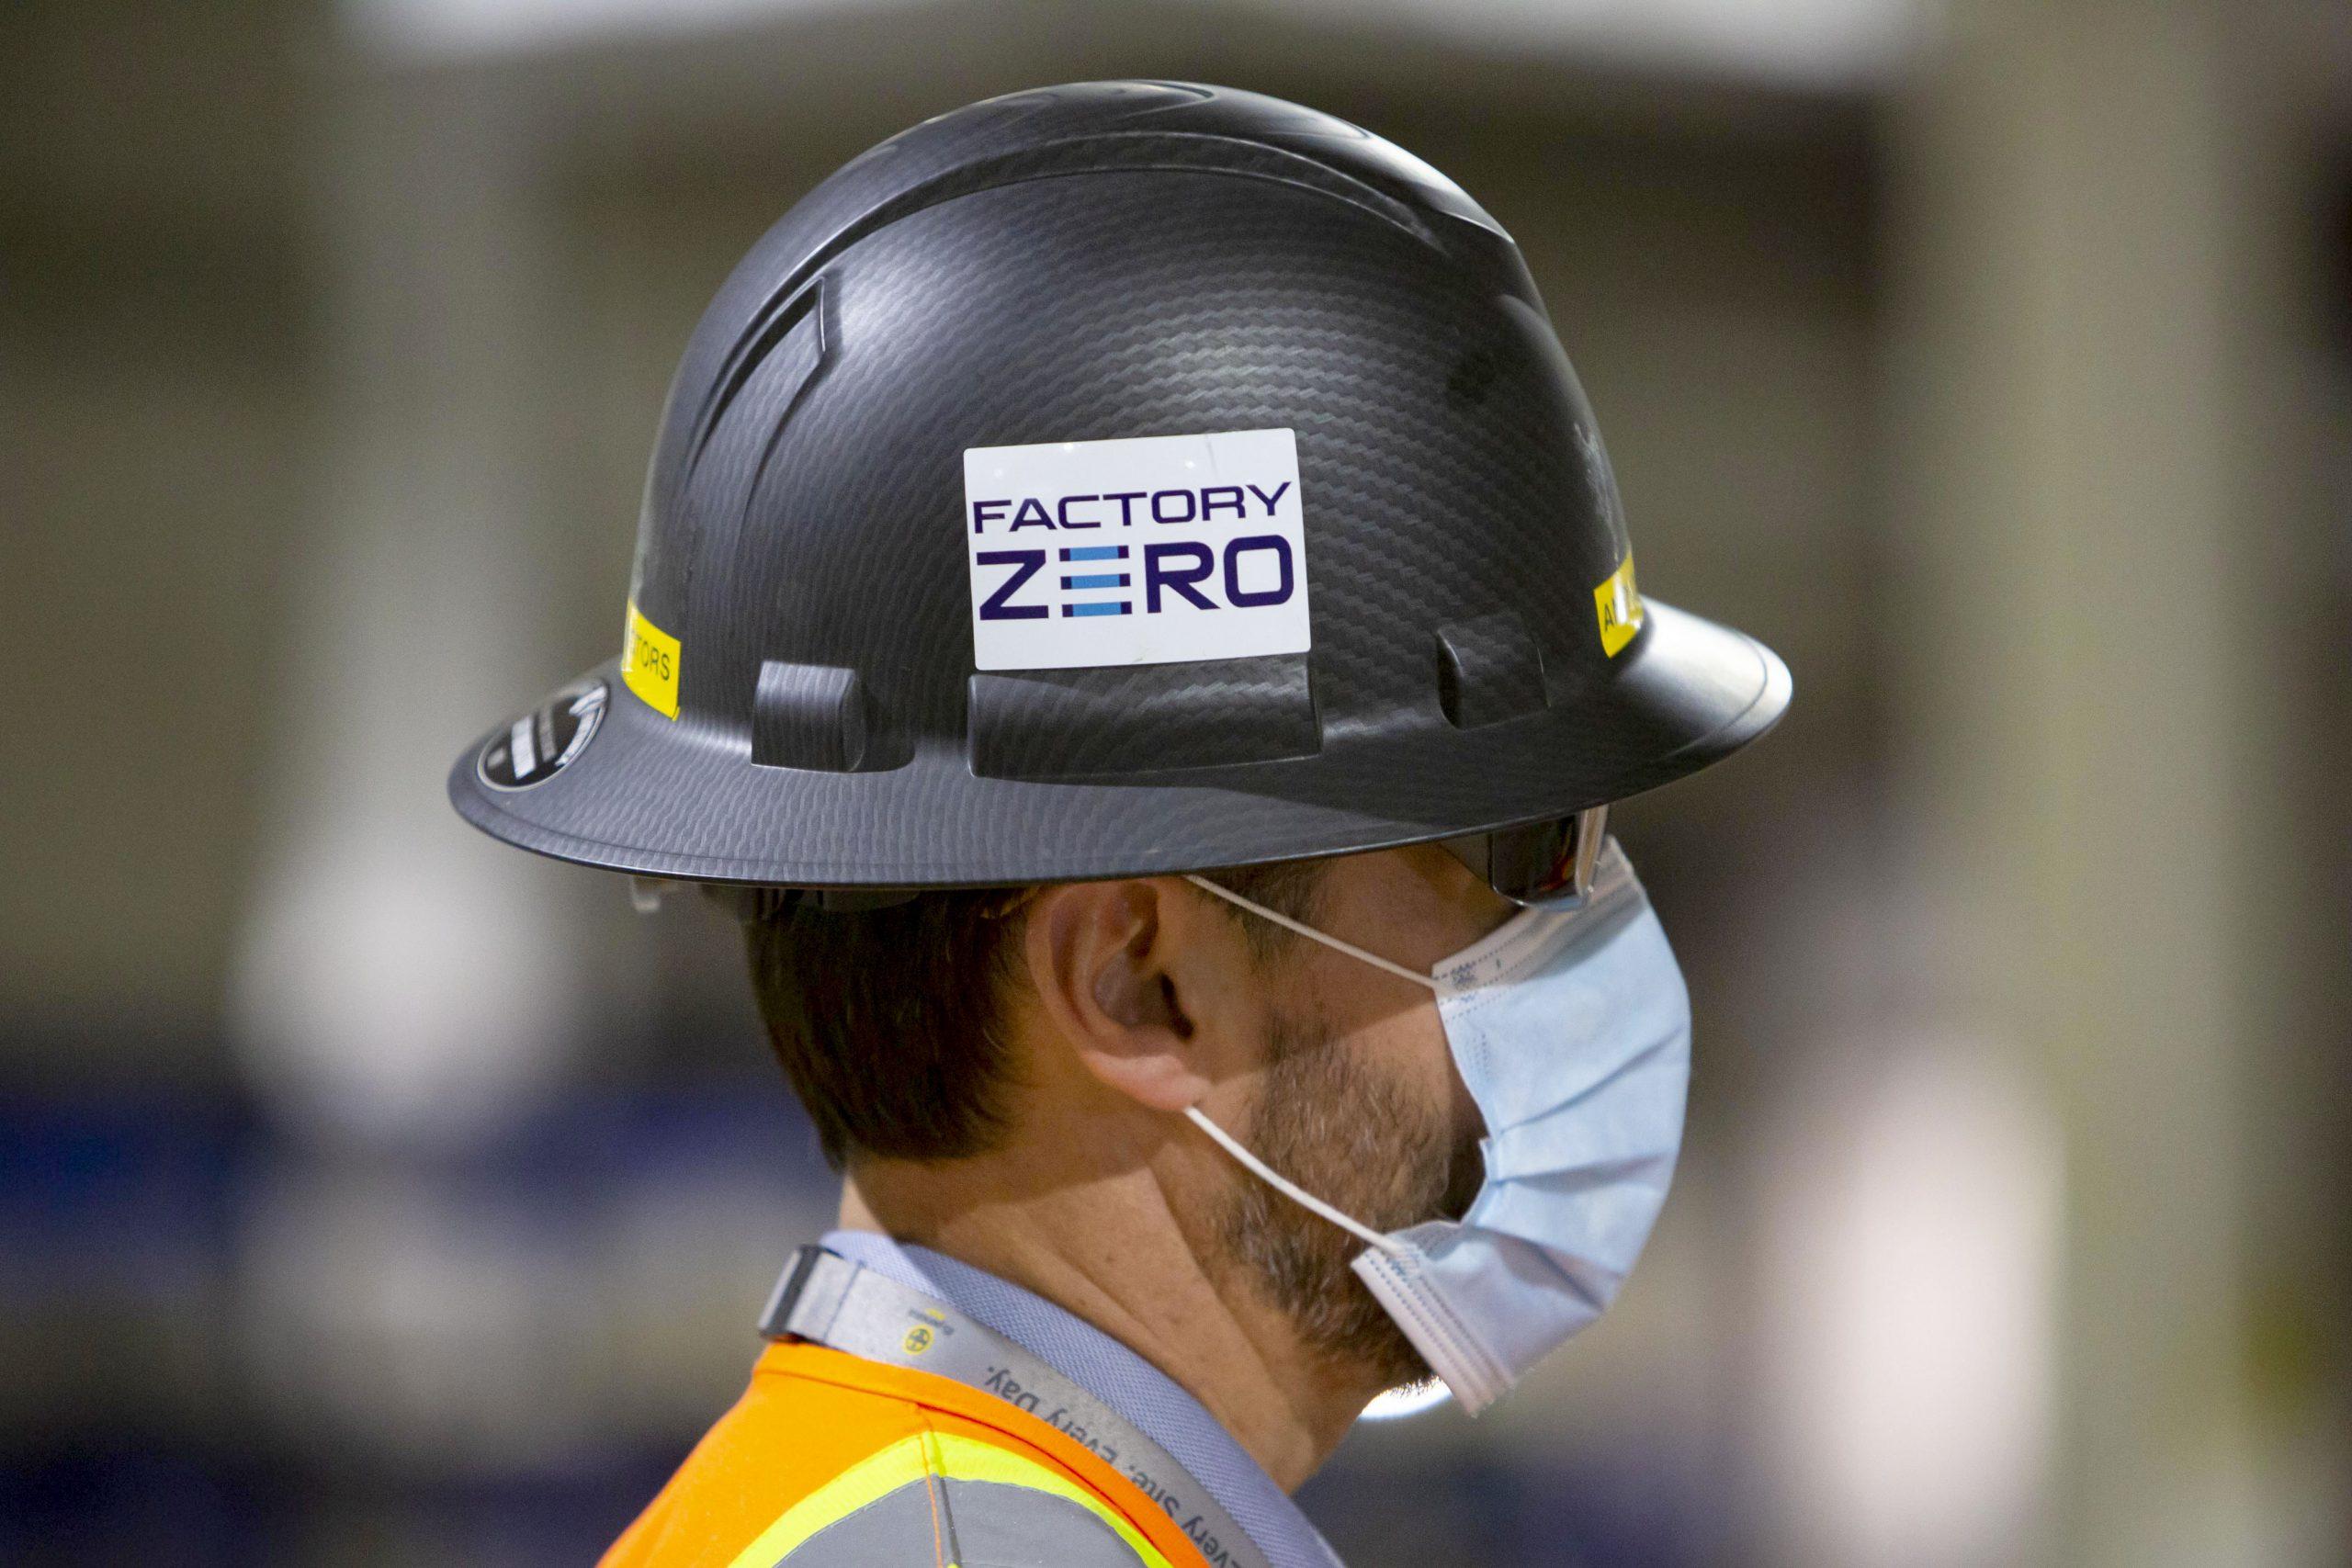 factory zero plant logo on helmet